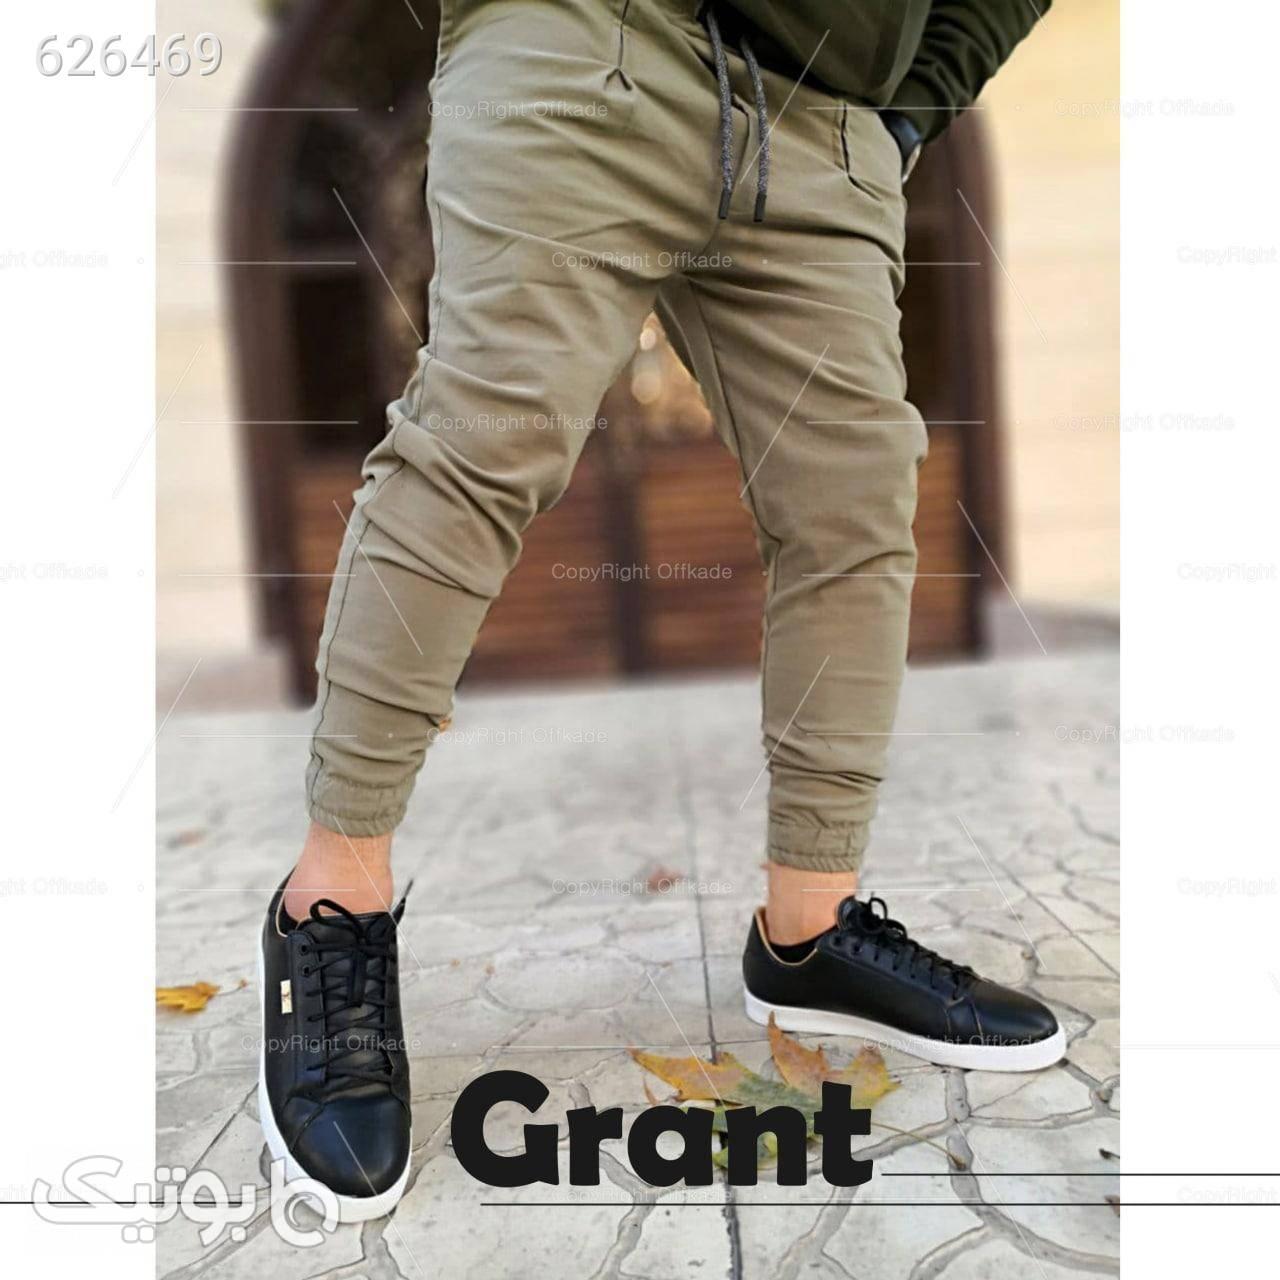 شلوار کتان کش مردانه مدل Grant کرم شلوار مردانه پارچه ای و کتان مردانه